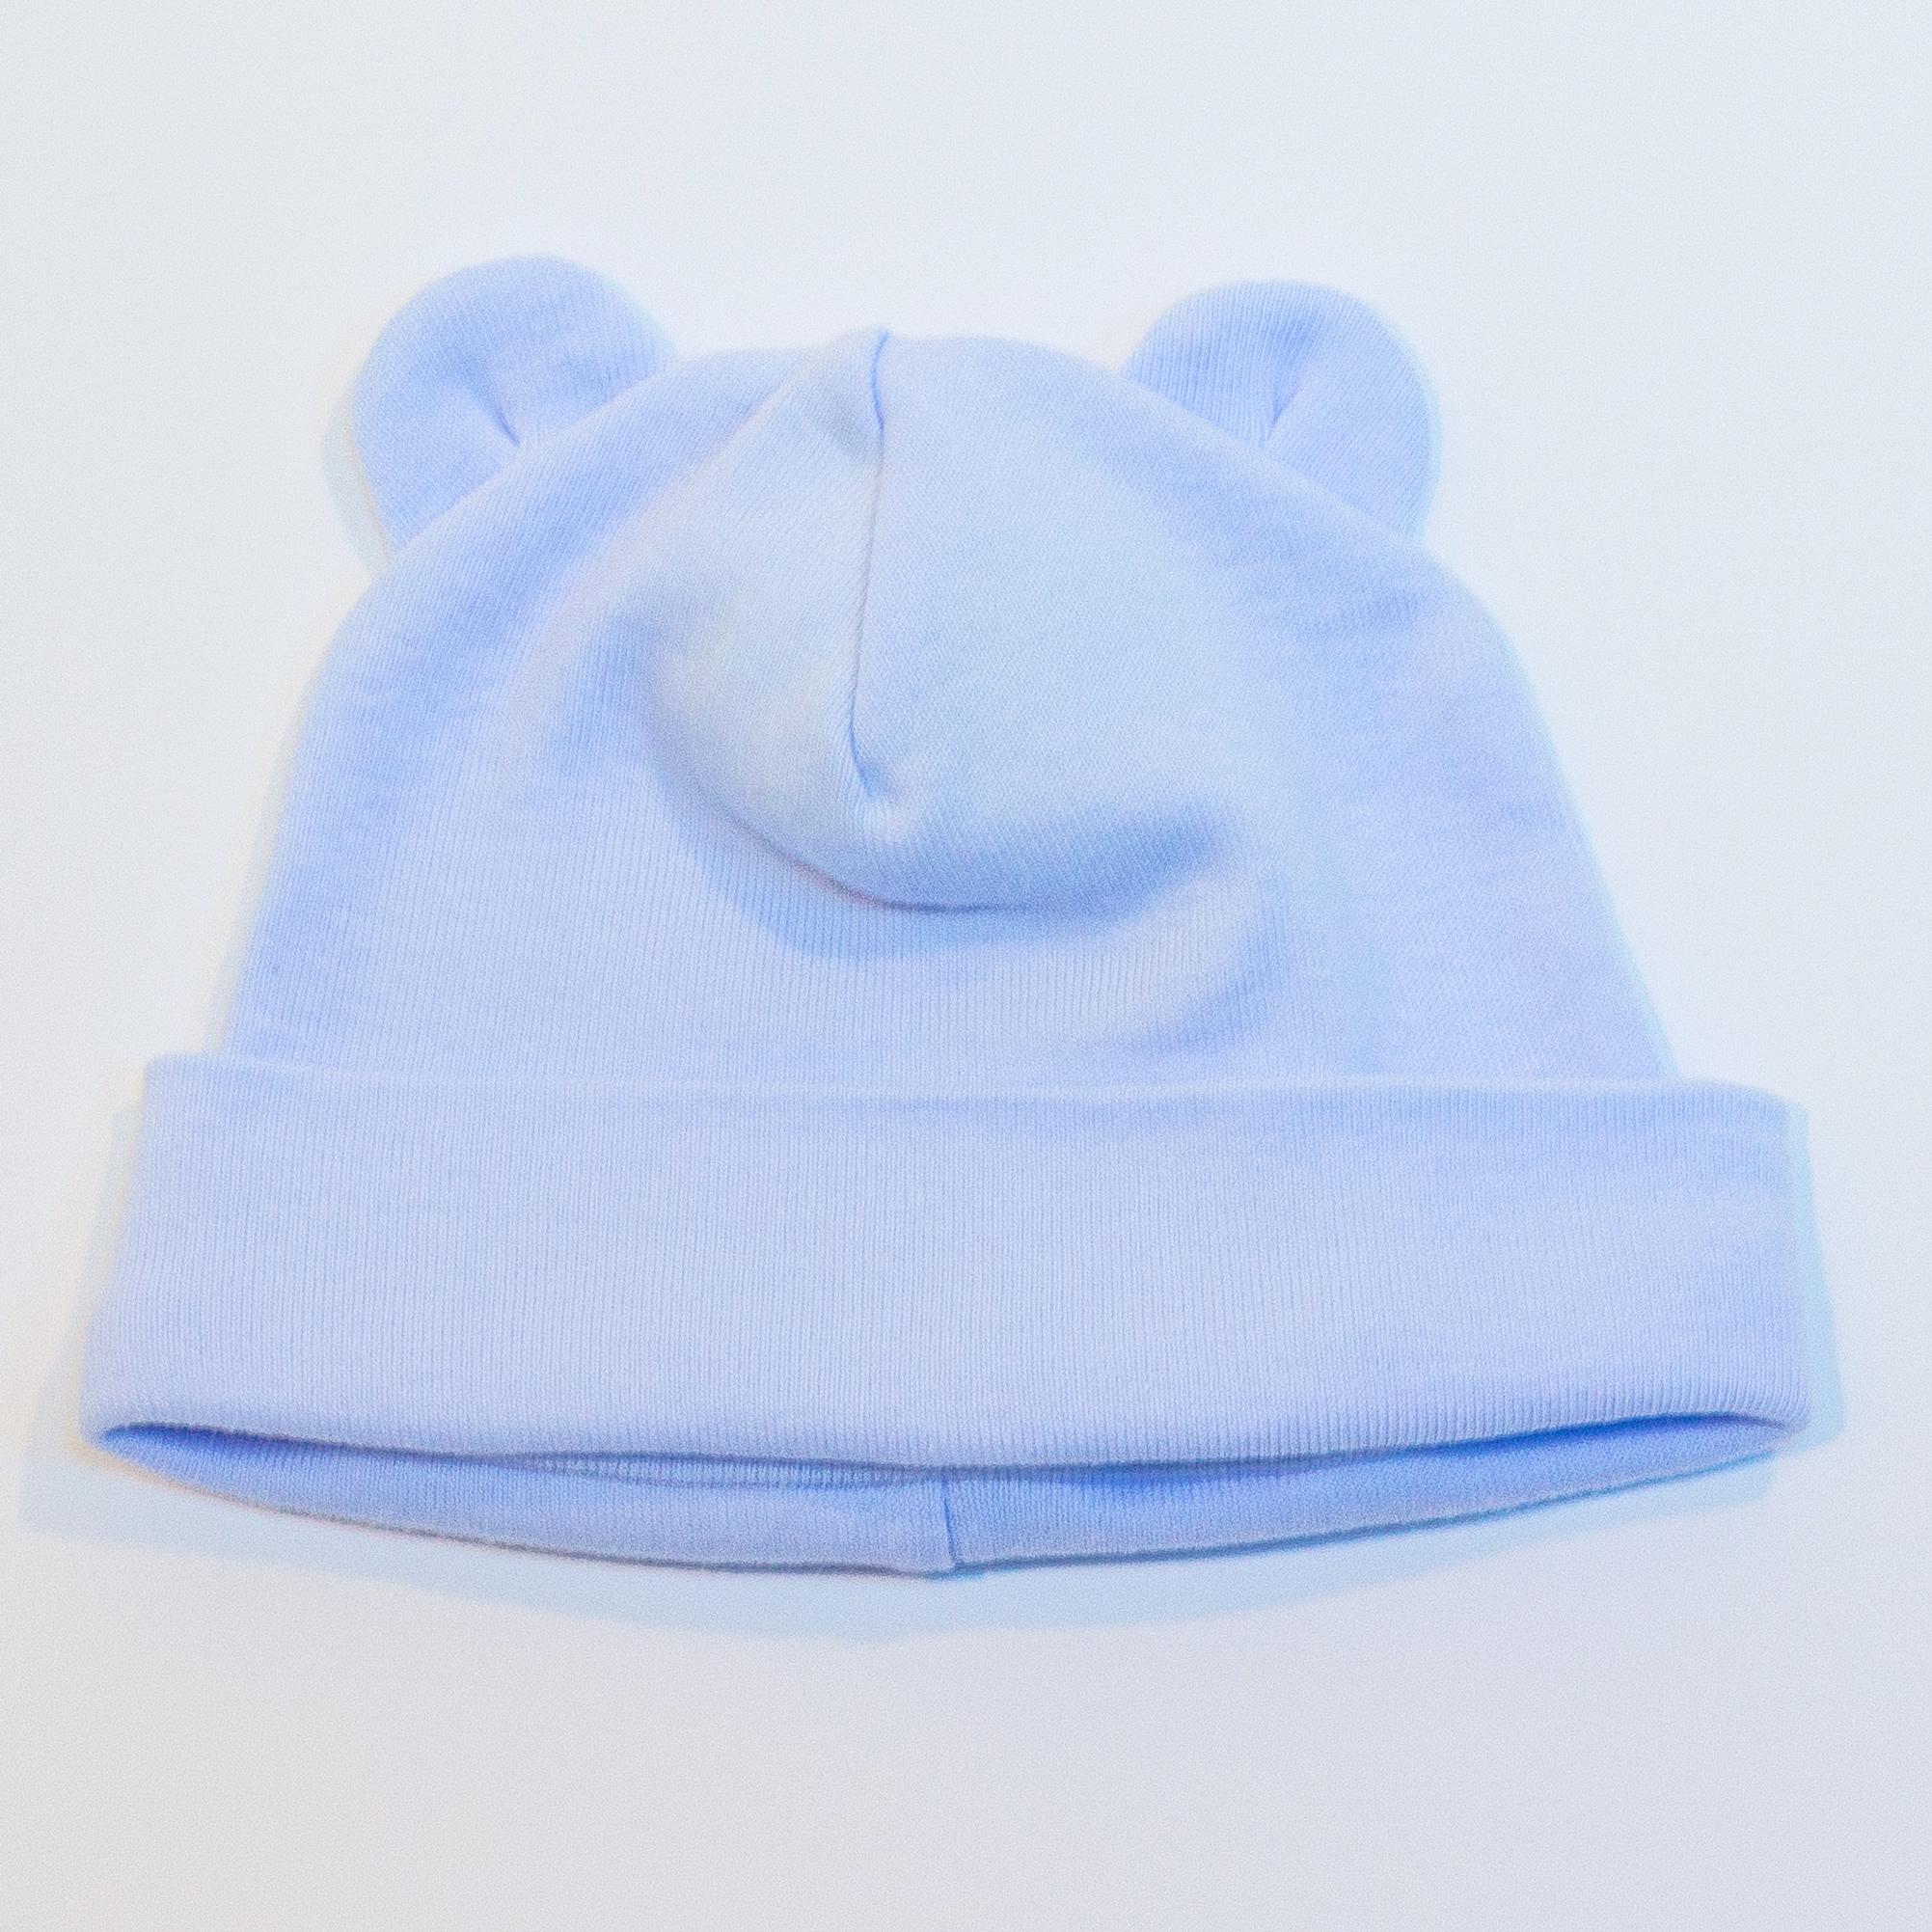 Вязание шапочки с ушками для новорожденного мальчика 100